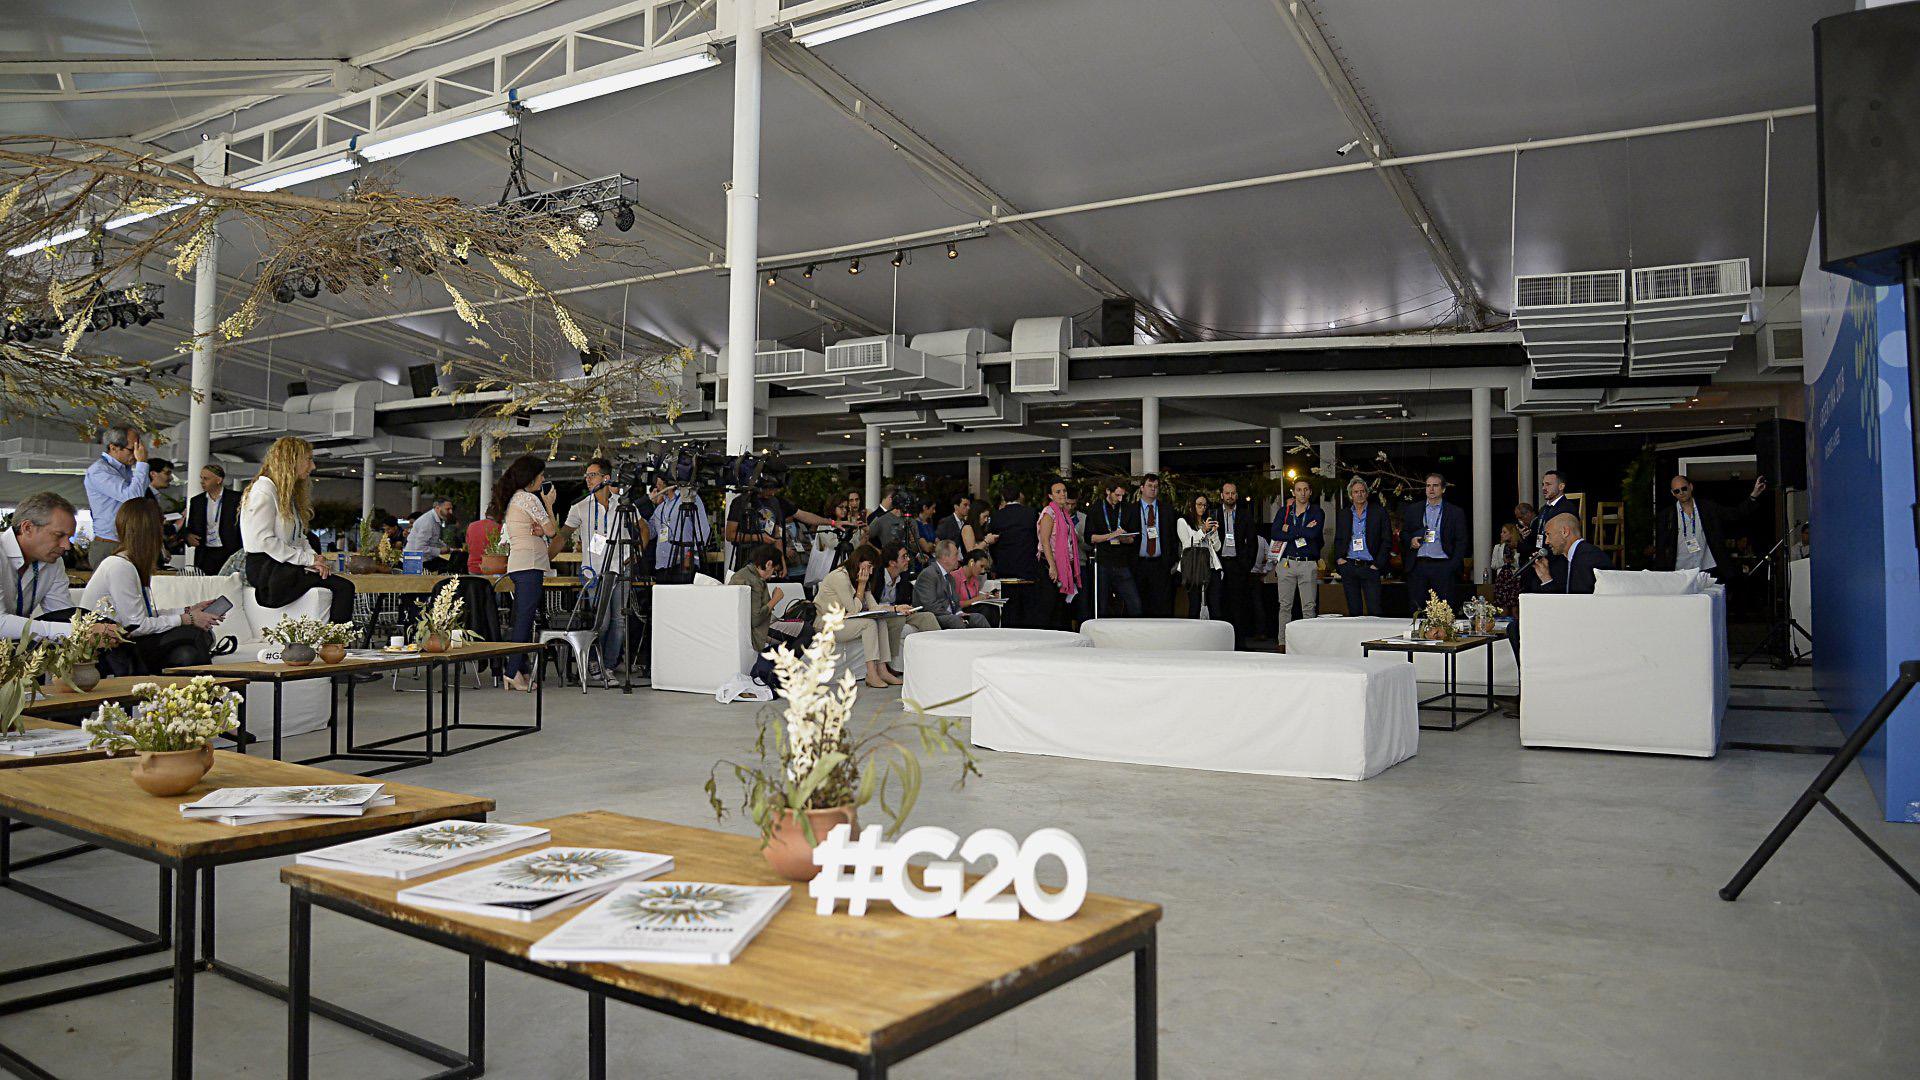 Sobre la mesa, las carpetas y bolsas de nylon con el logotipo del G20 que recibieron los periodistas